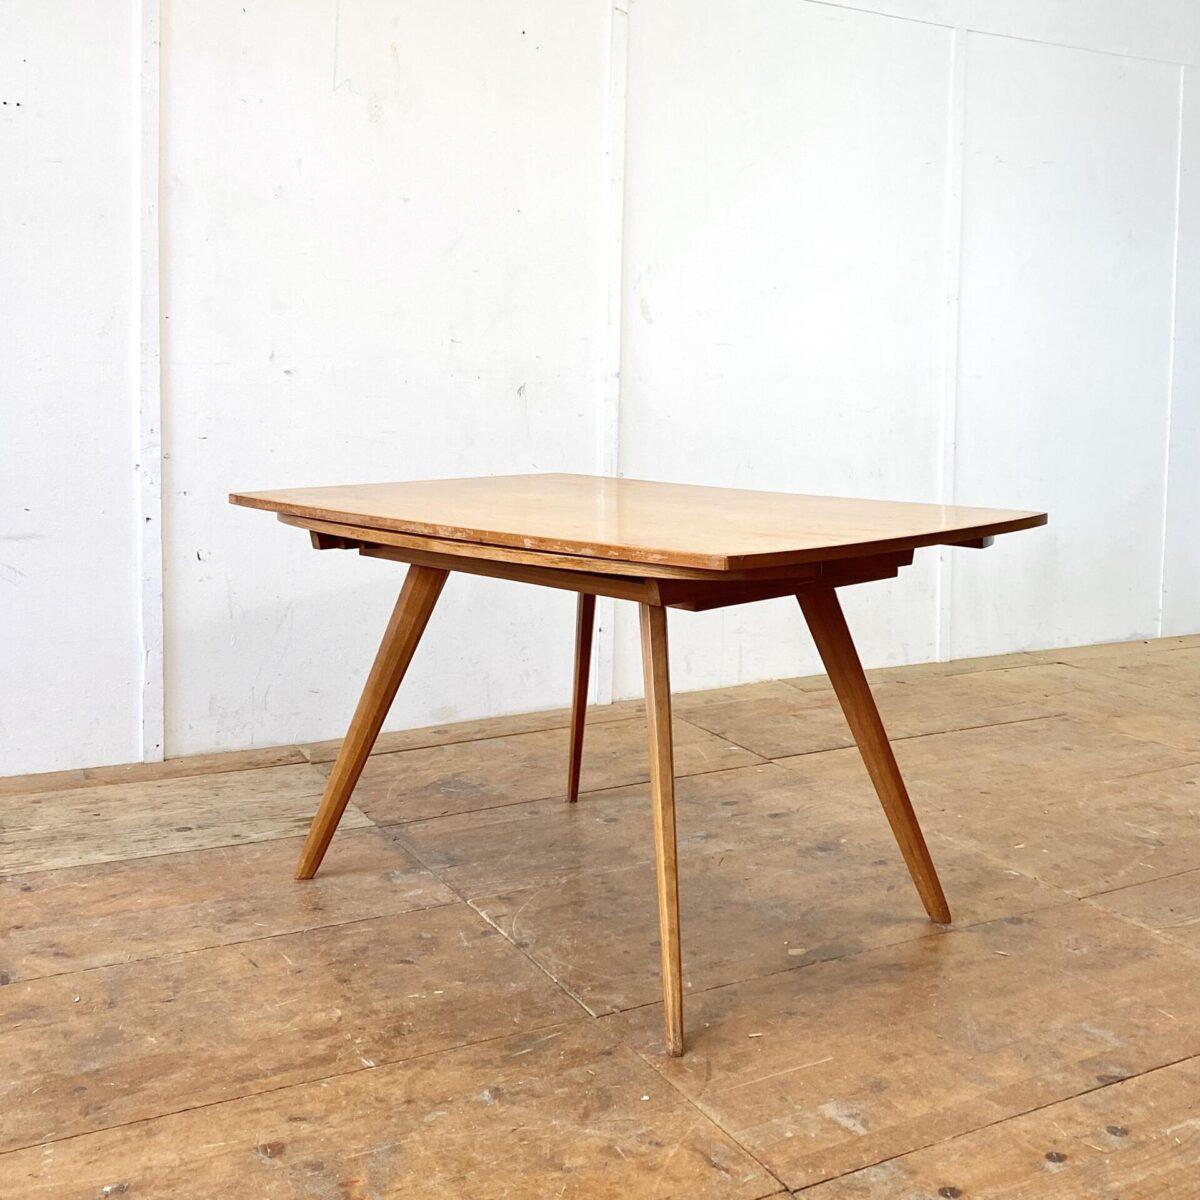 Jacob Müller Zwei-Form-Tisch aus den 50er Jahren. 130x88cm Höhe 72cm. Mit den zwei Auszügen ist der Tisch Quadratisch 130x130cm. Tischblatt furniert, die konischen Tischbeine sind aus Vollholz. Der Tisch ist Originalem Zustand, alles stabil und funktionstüchtig, der Lack ist teilweise etwas abgewetzt.